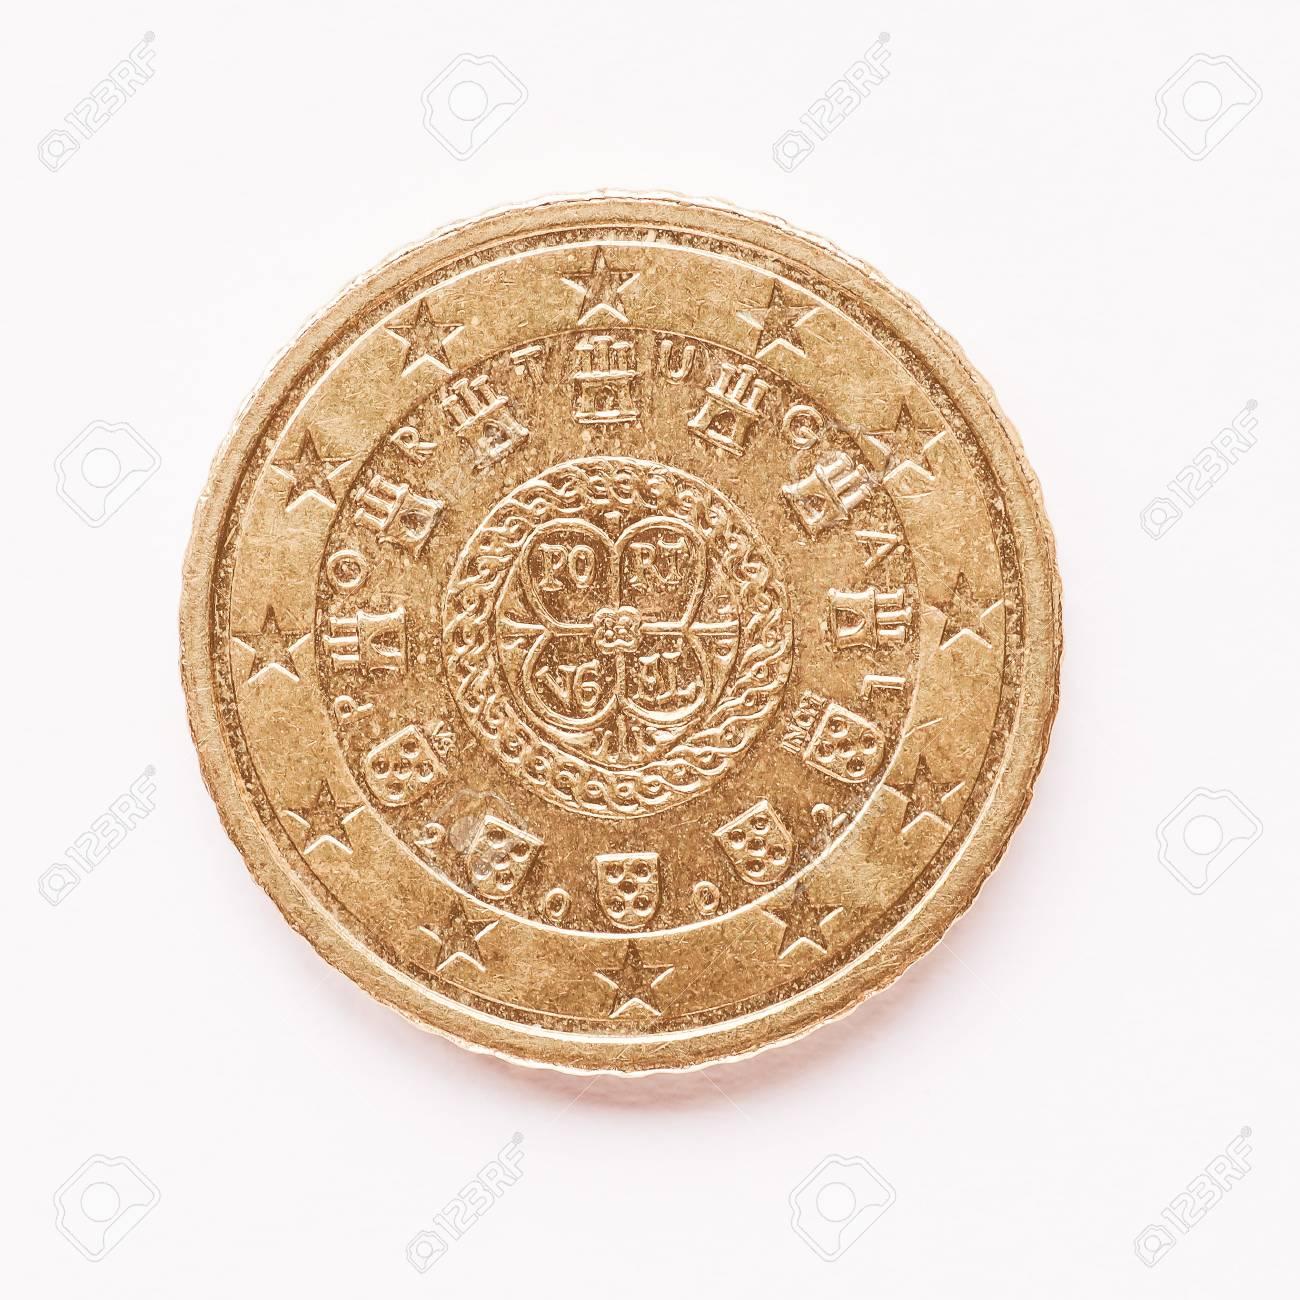 Währung Europas 50 Cent Münze Von Portugal Jahrgang Lizenzfreie